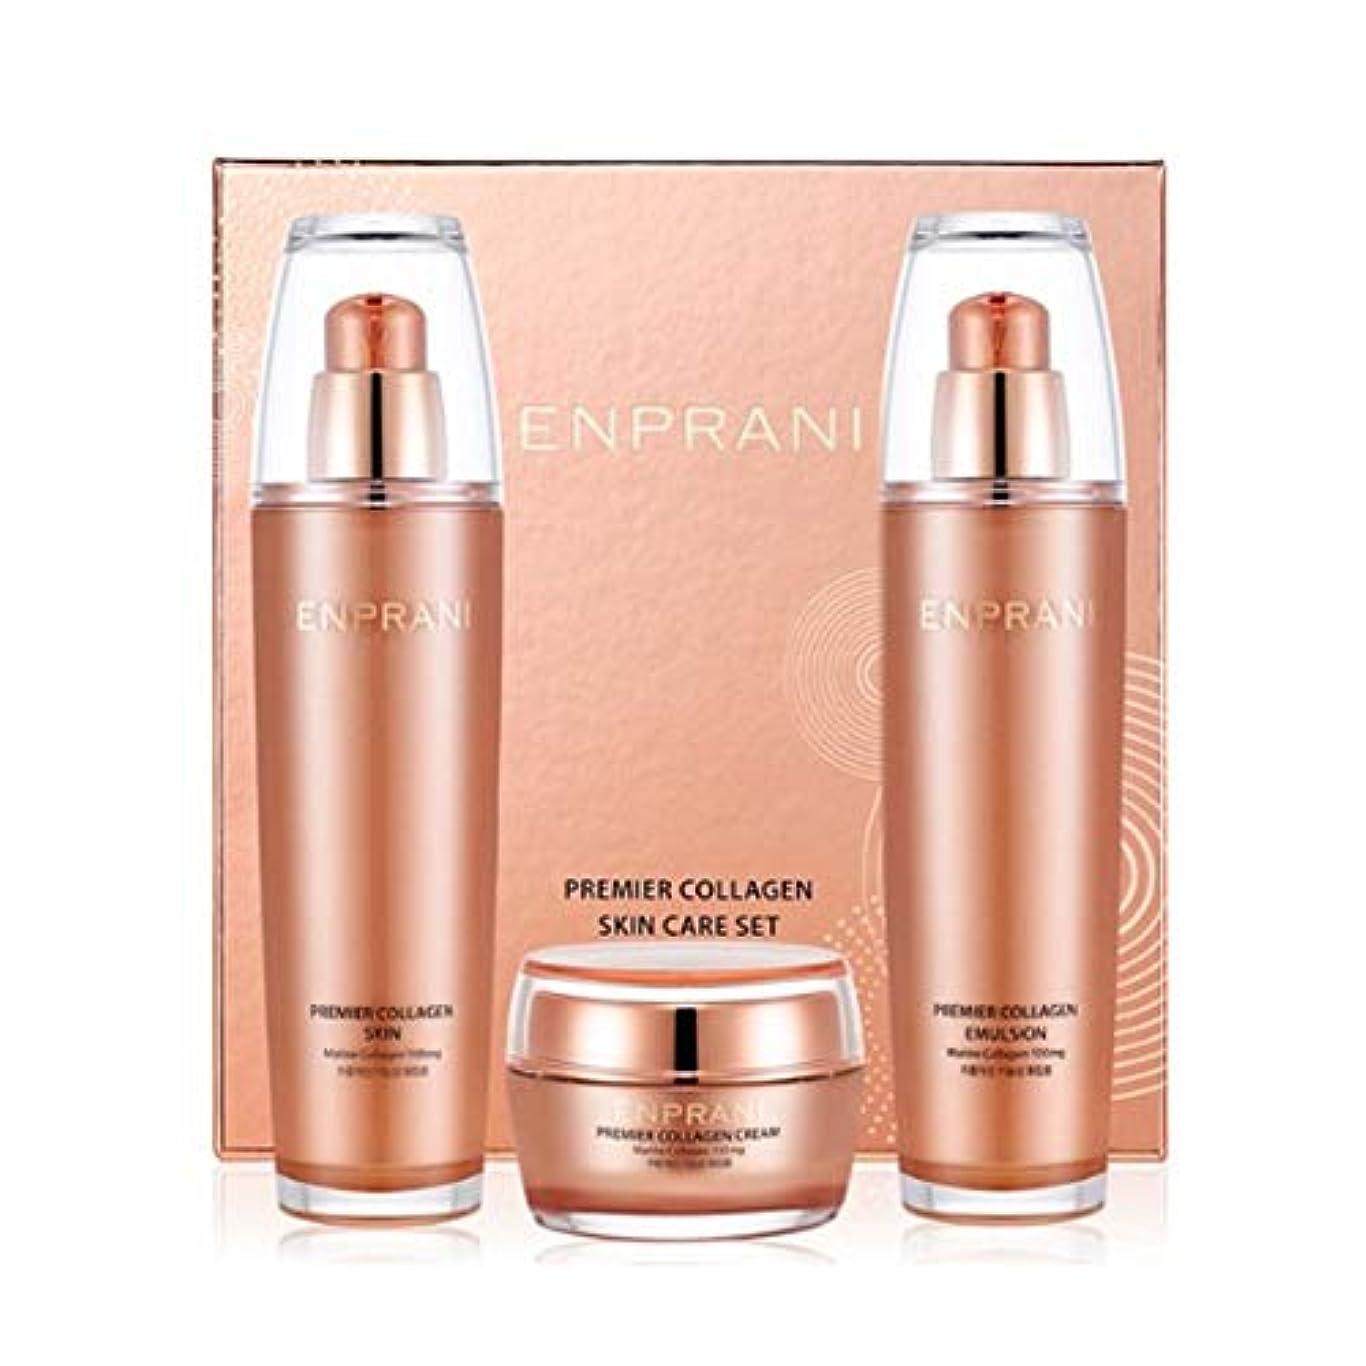 計算いらいらさせる許容エンプラニ?プレミアコラーゲンセット(スキン125ml、エマルジョン125ml、クリーム50ml)、Enprani Premier Collagen Set (Skin、Emulsion、Cream) [並行輸入品]